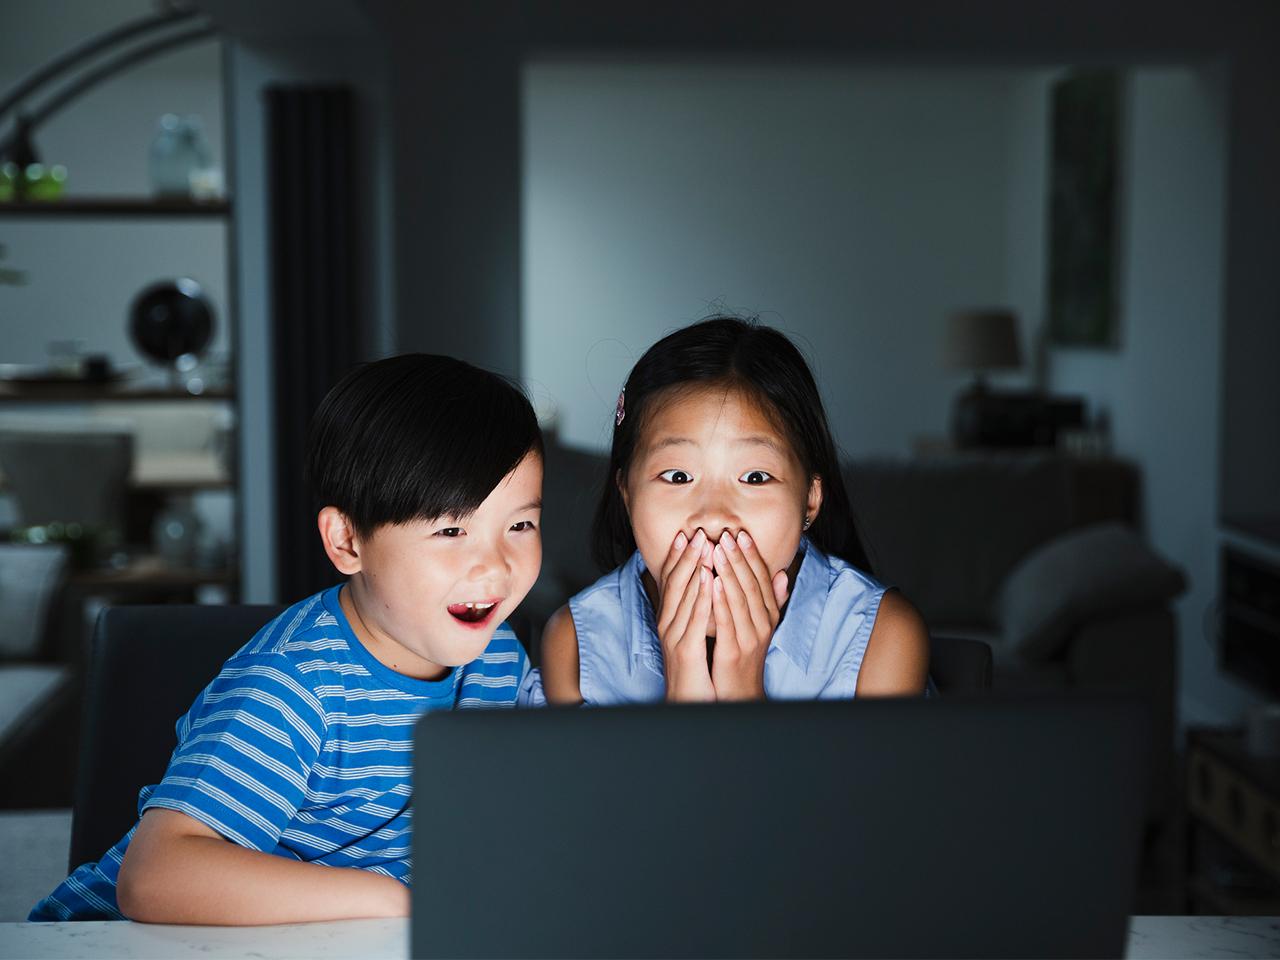 Phụ huynh cần hỗ trợ quá trình học tiếng Anh qua video của trẻ em